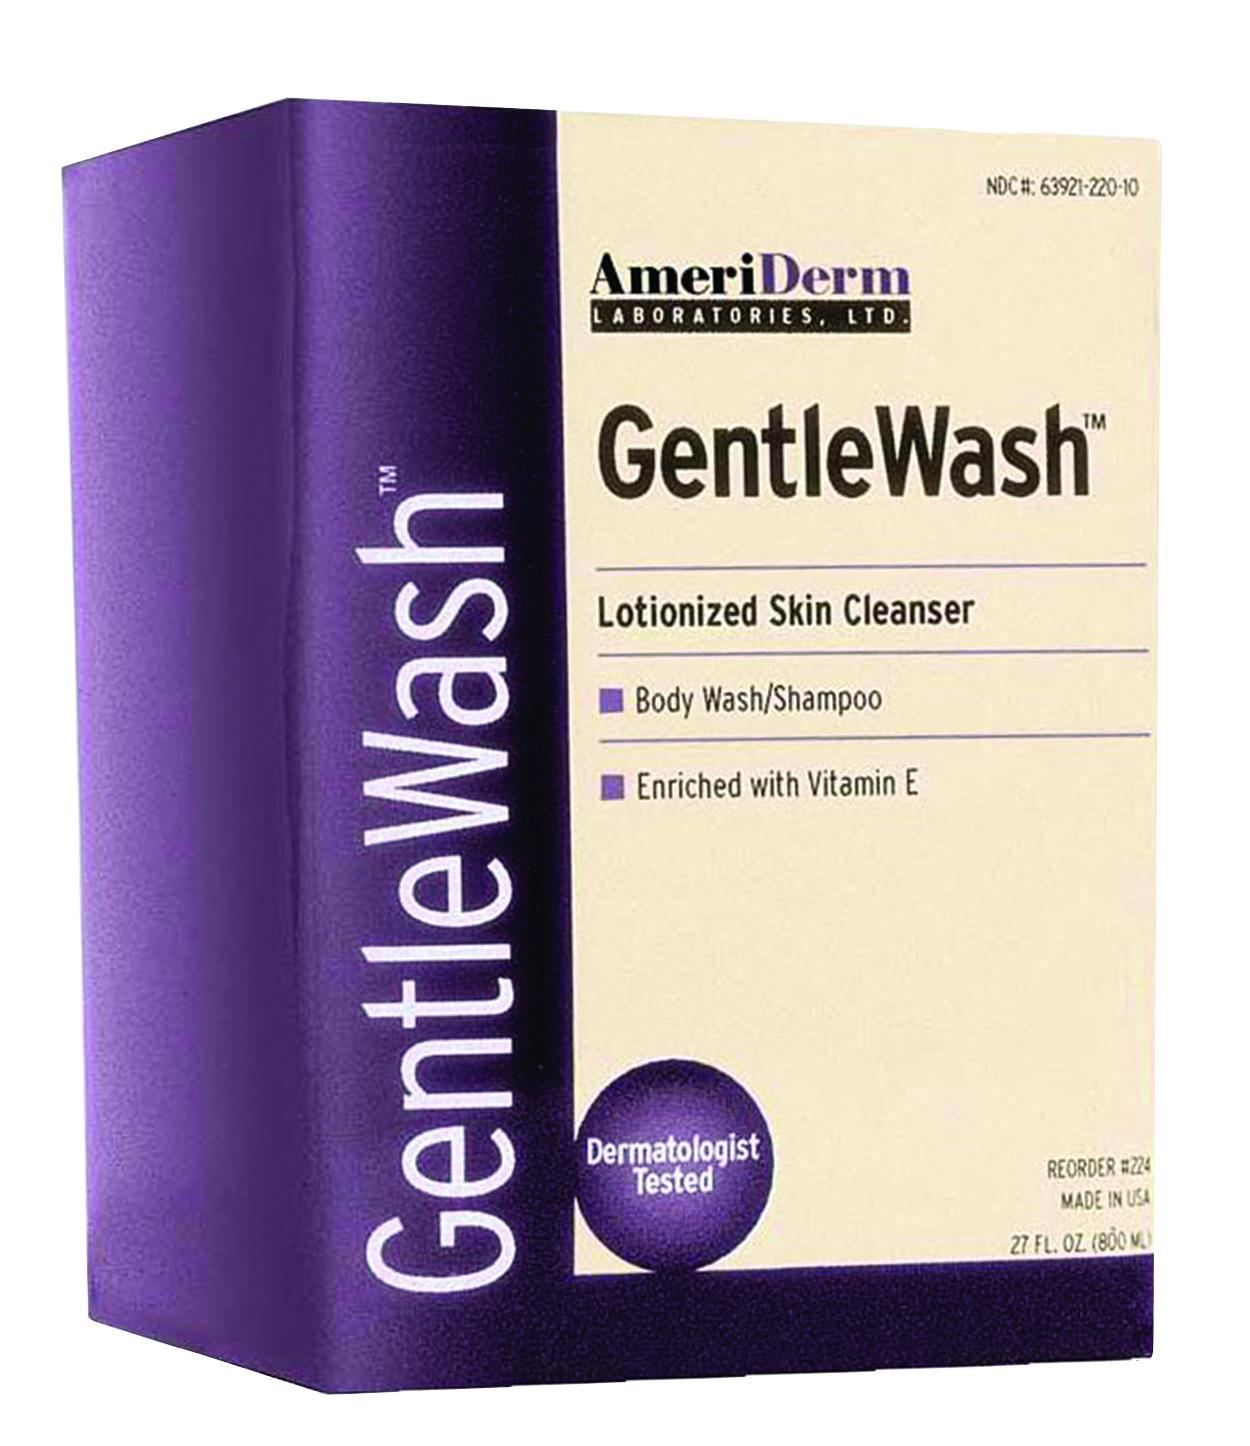 GentleWash Body Wash/Shampoo, 800 mL ADM224